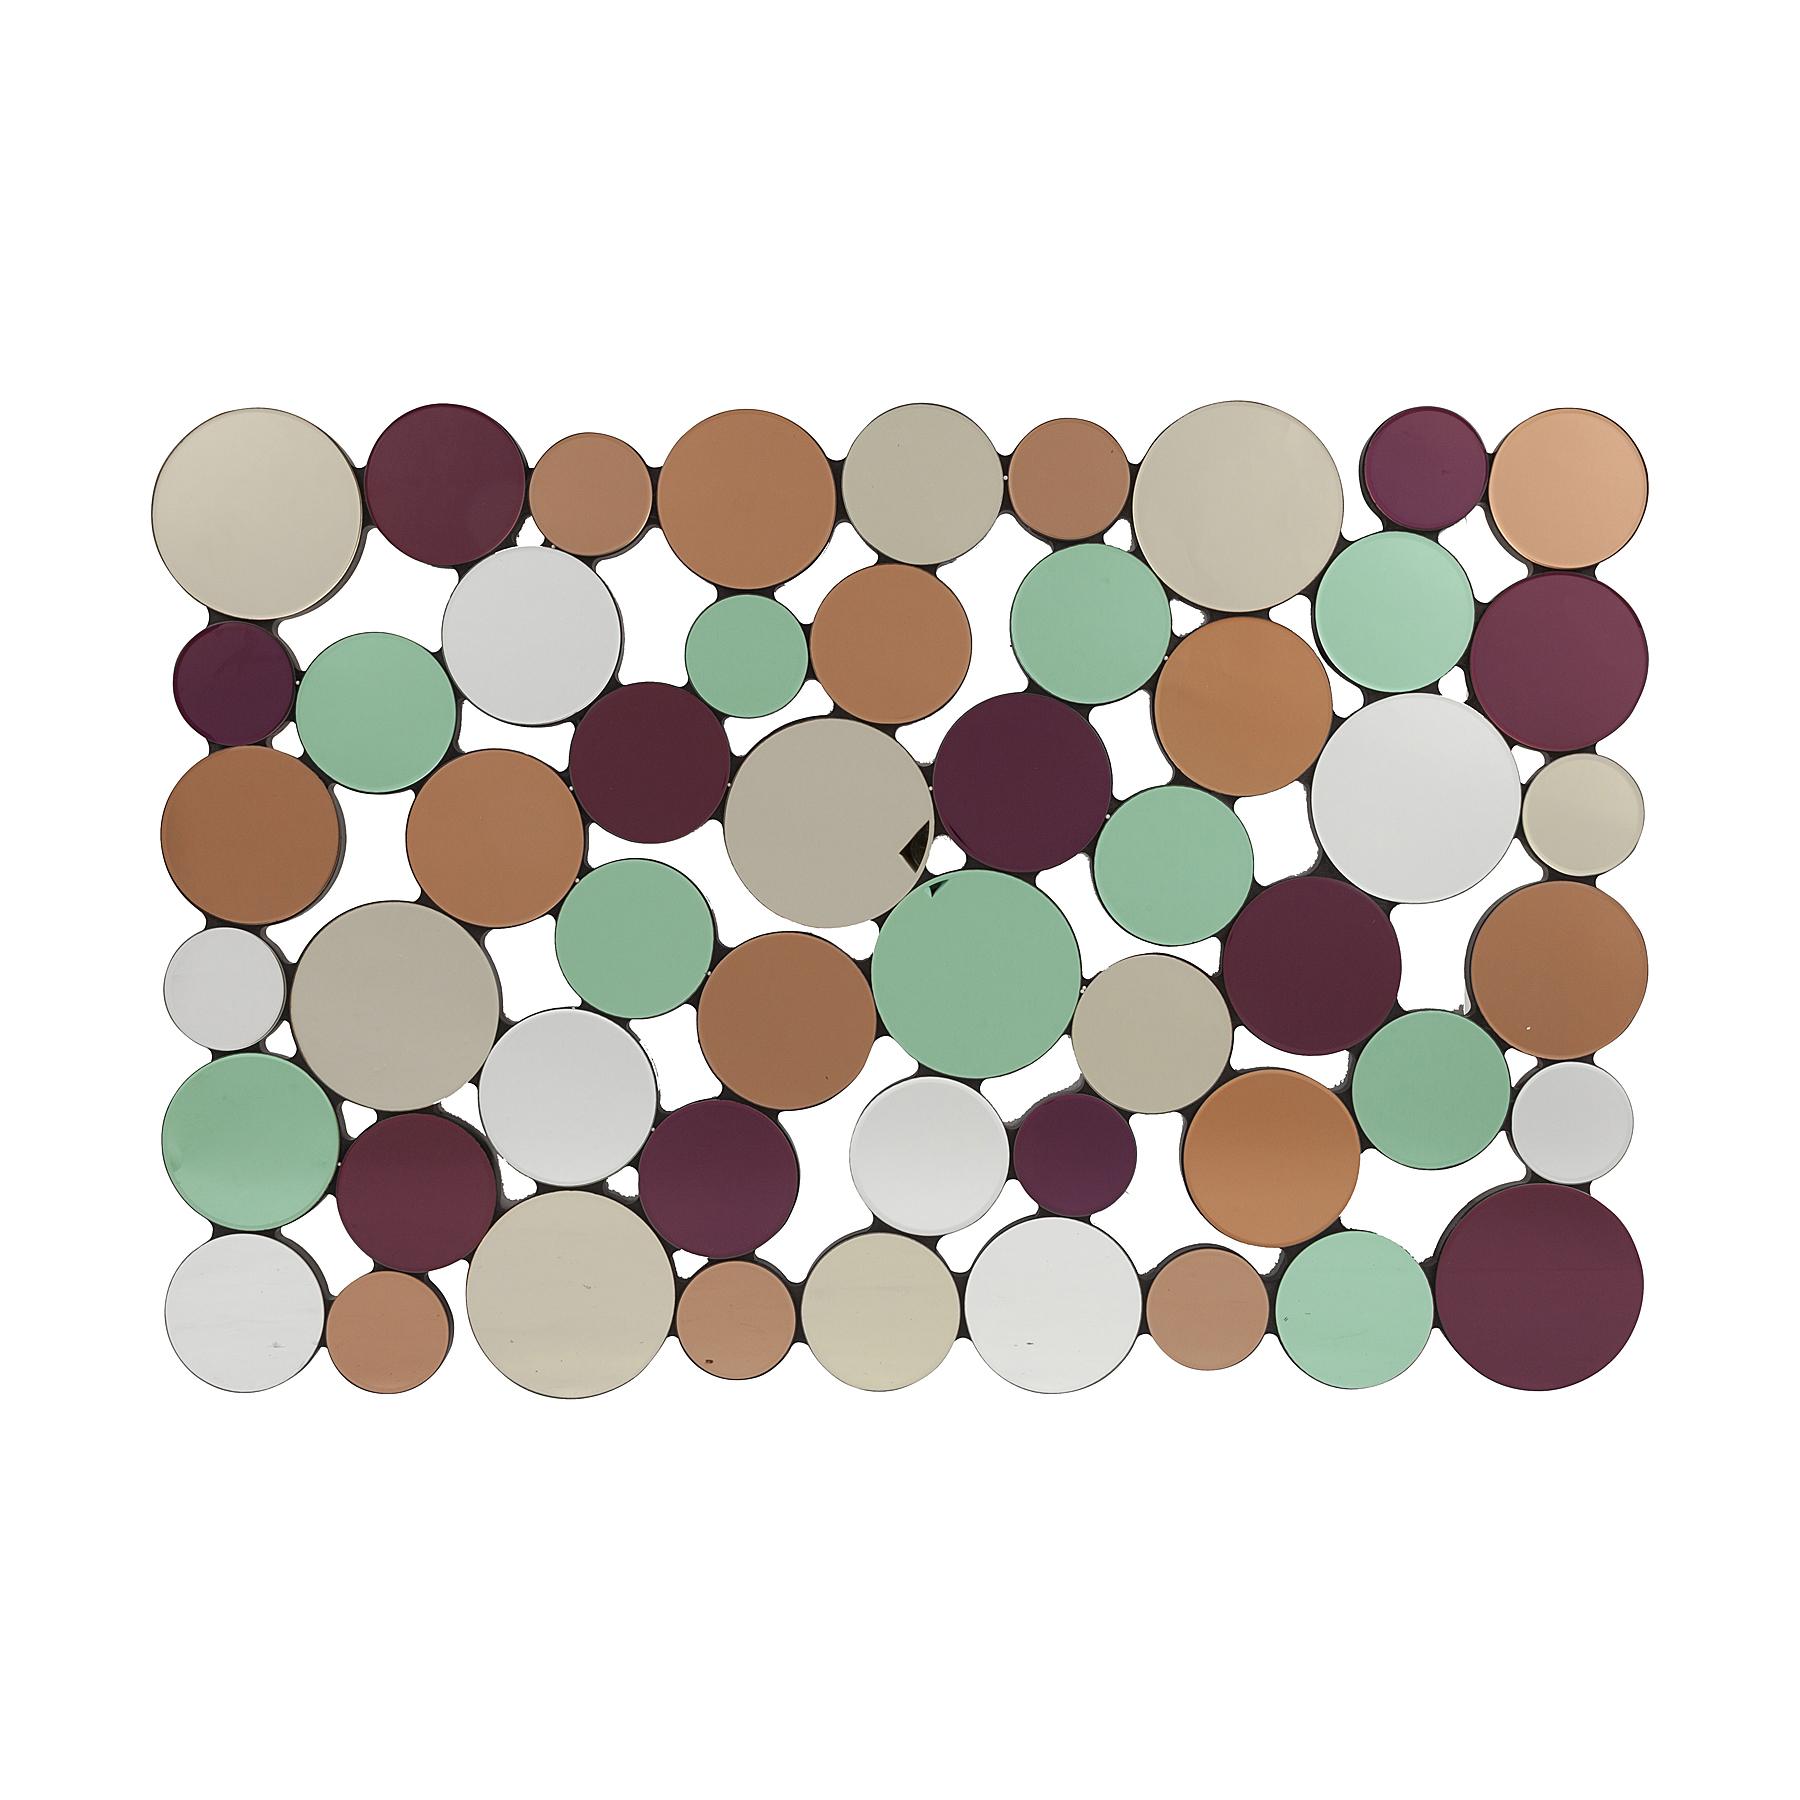 Зеркало ChamberyНастенные зеркала<br><br><br>Material: МДФ<br>Width см: 120<br>Depth см: 1,9<br>Height см: 80